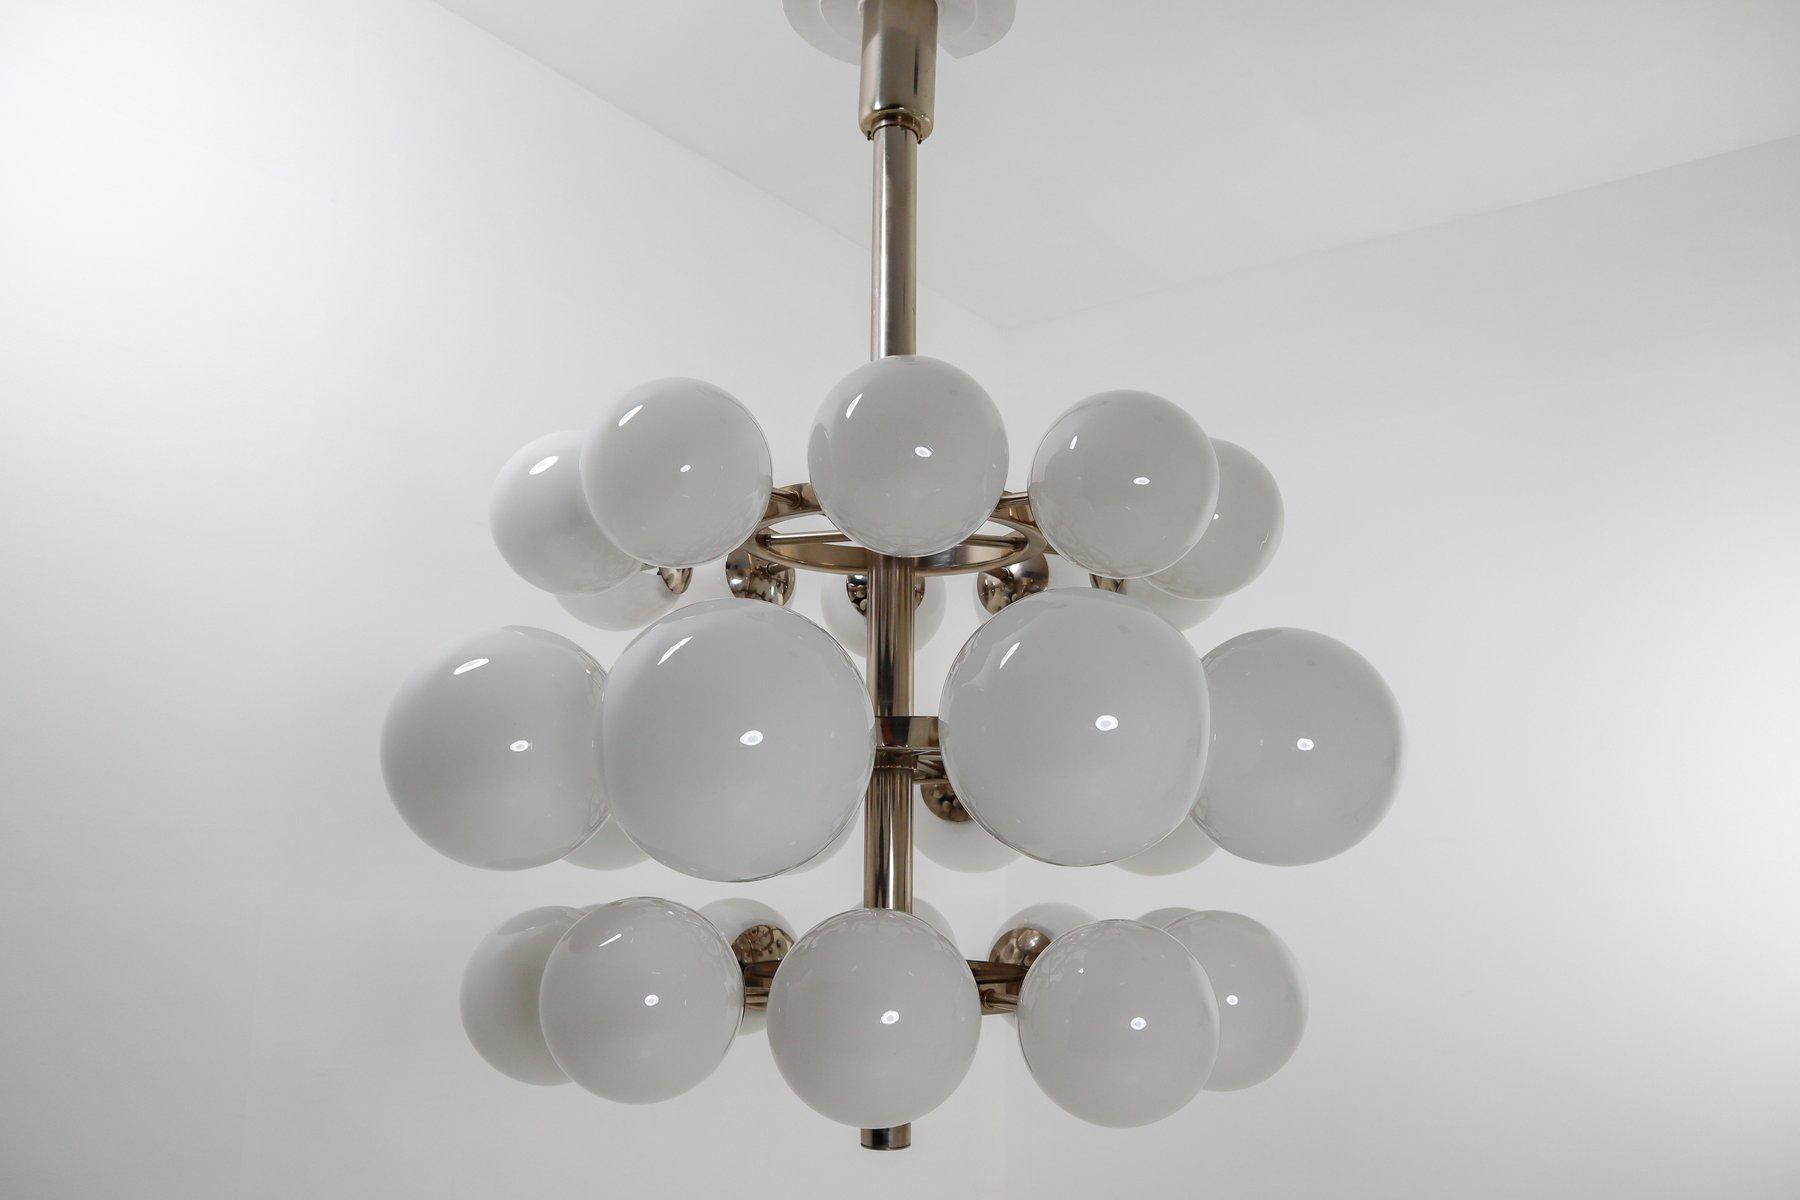 Großer Kronleuchter mit 30 mundgeblasenen Opalglas Kugeln, 1960er